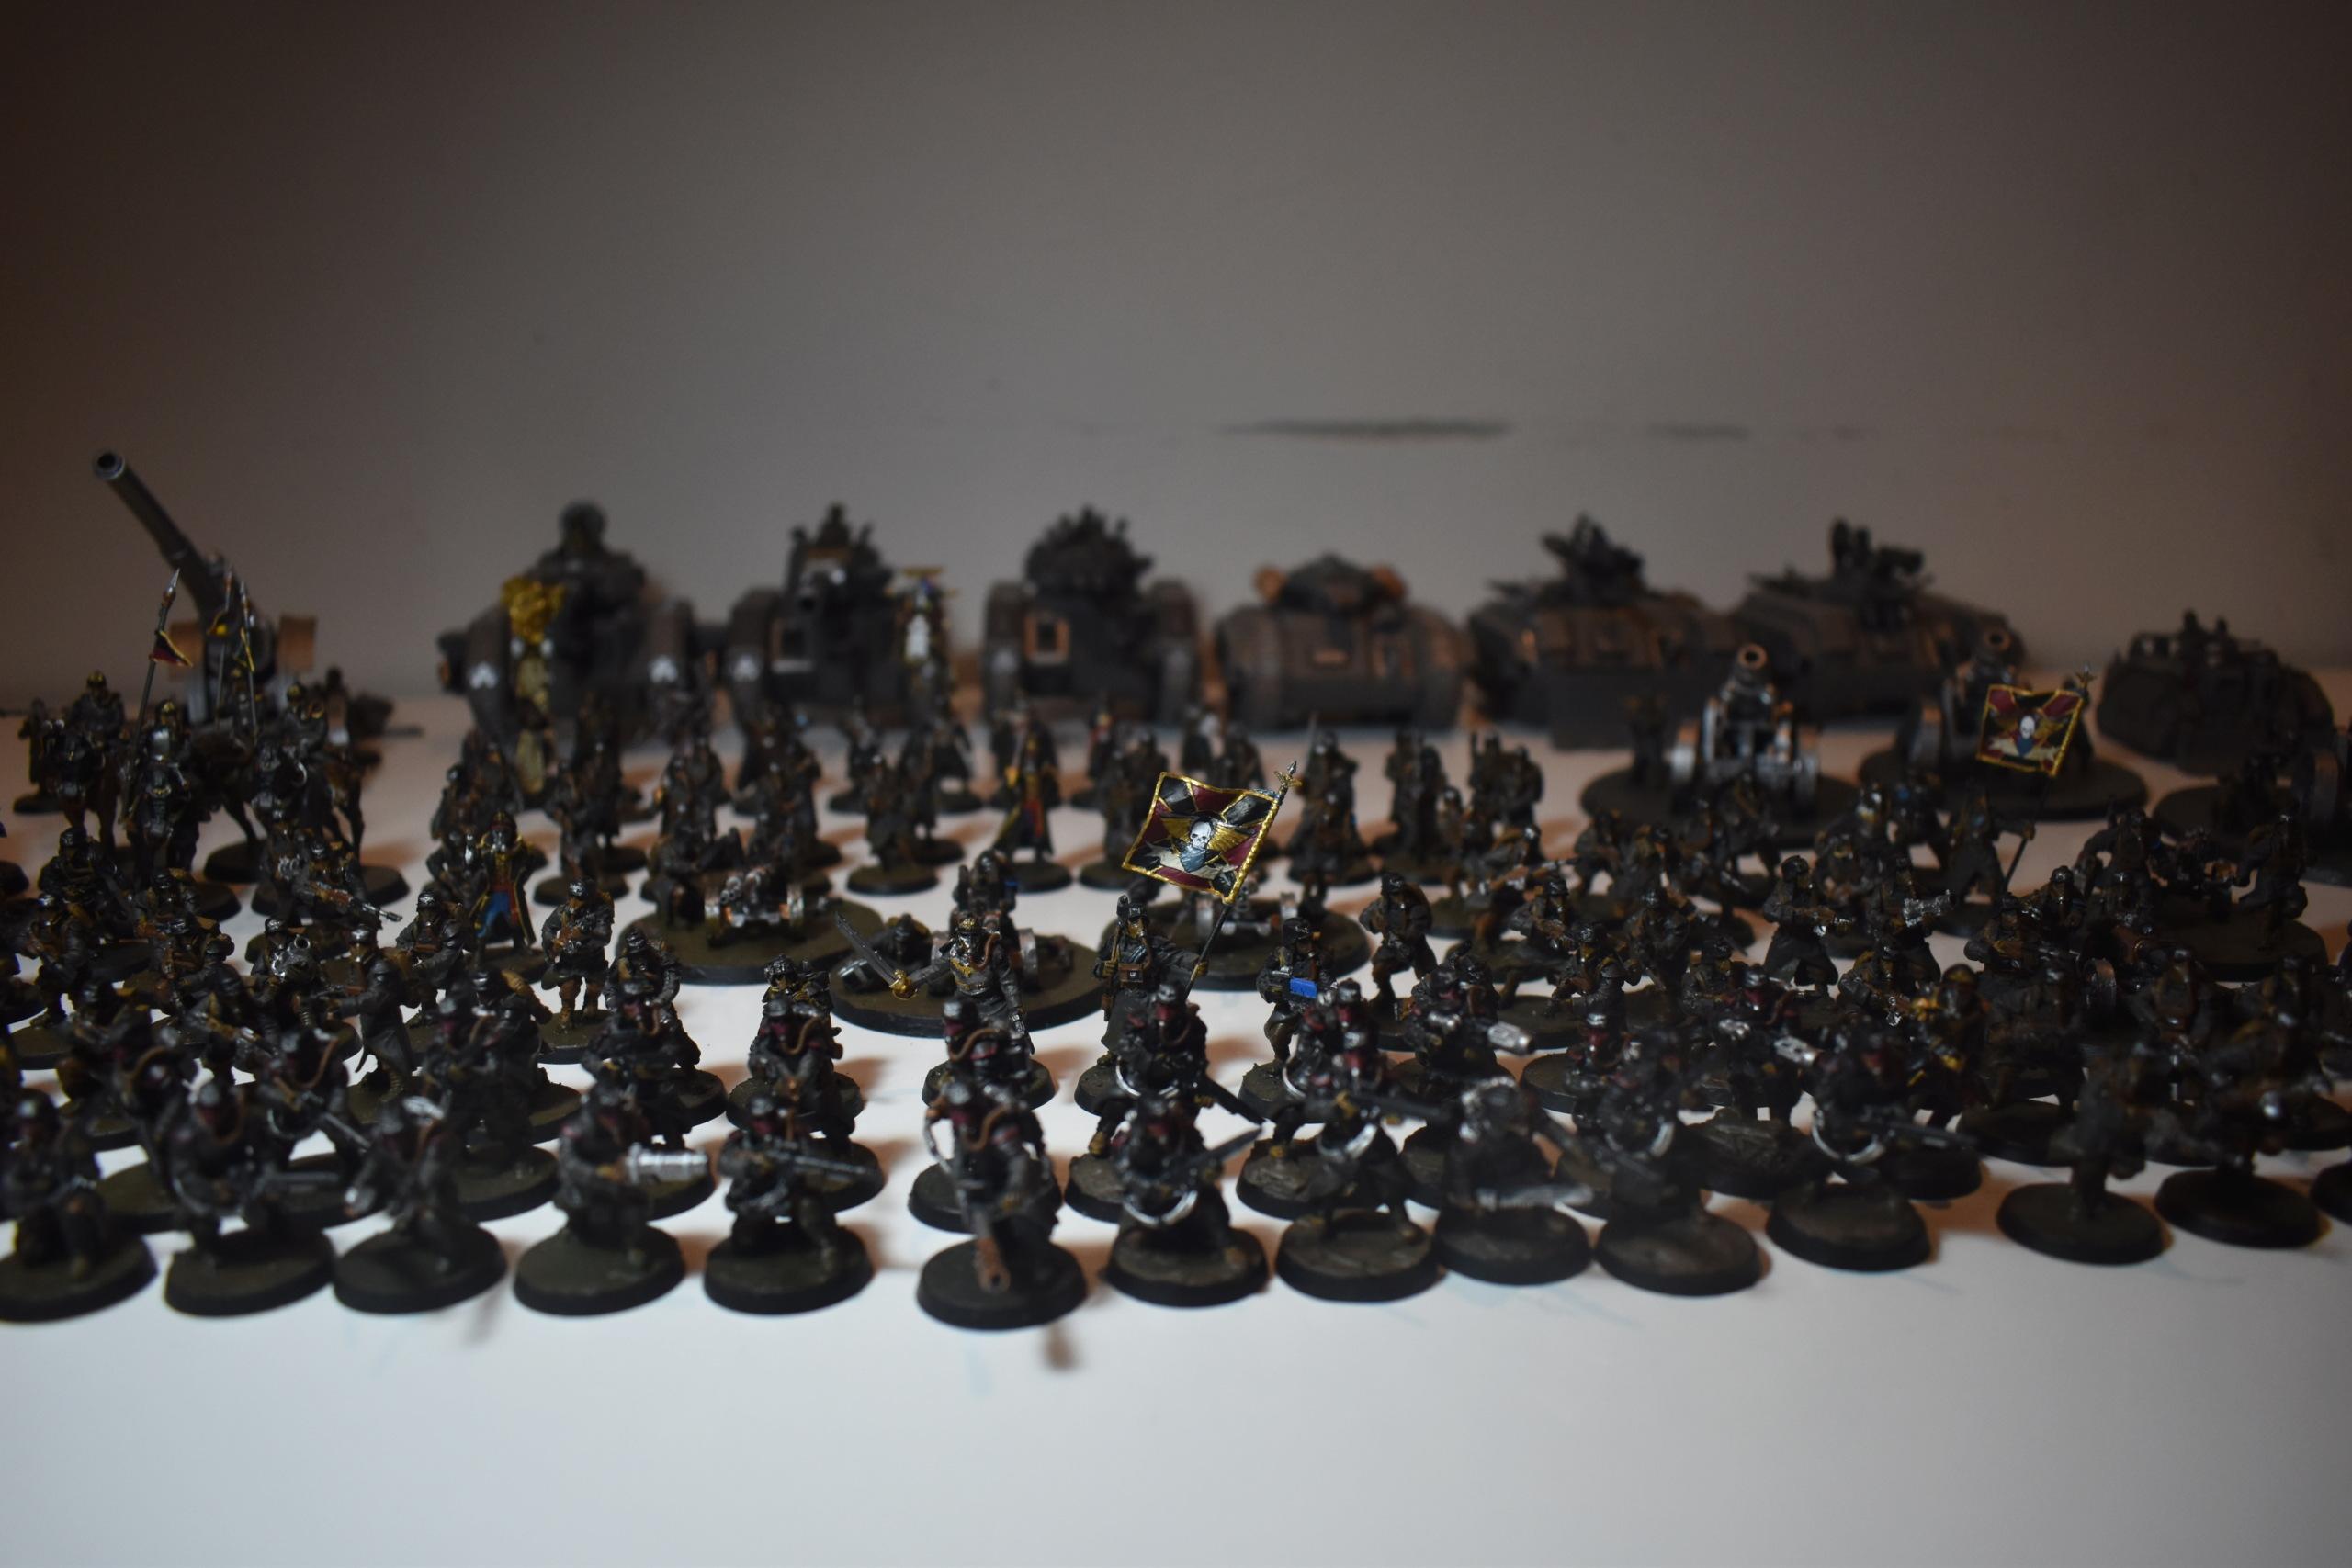 Les Armées de Nico. (Battle, 40K & HH) - Page 6 Dsc_0240